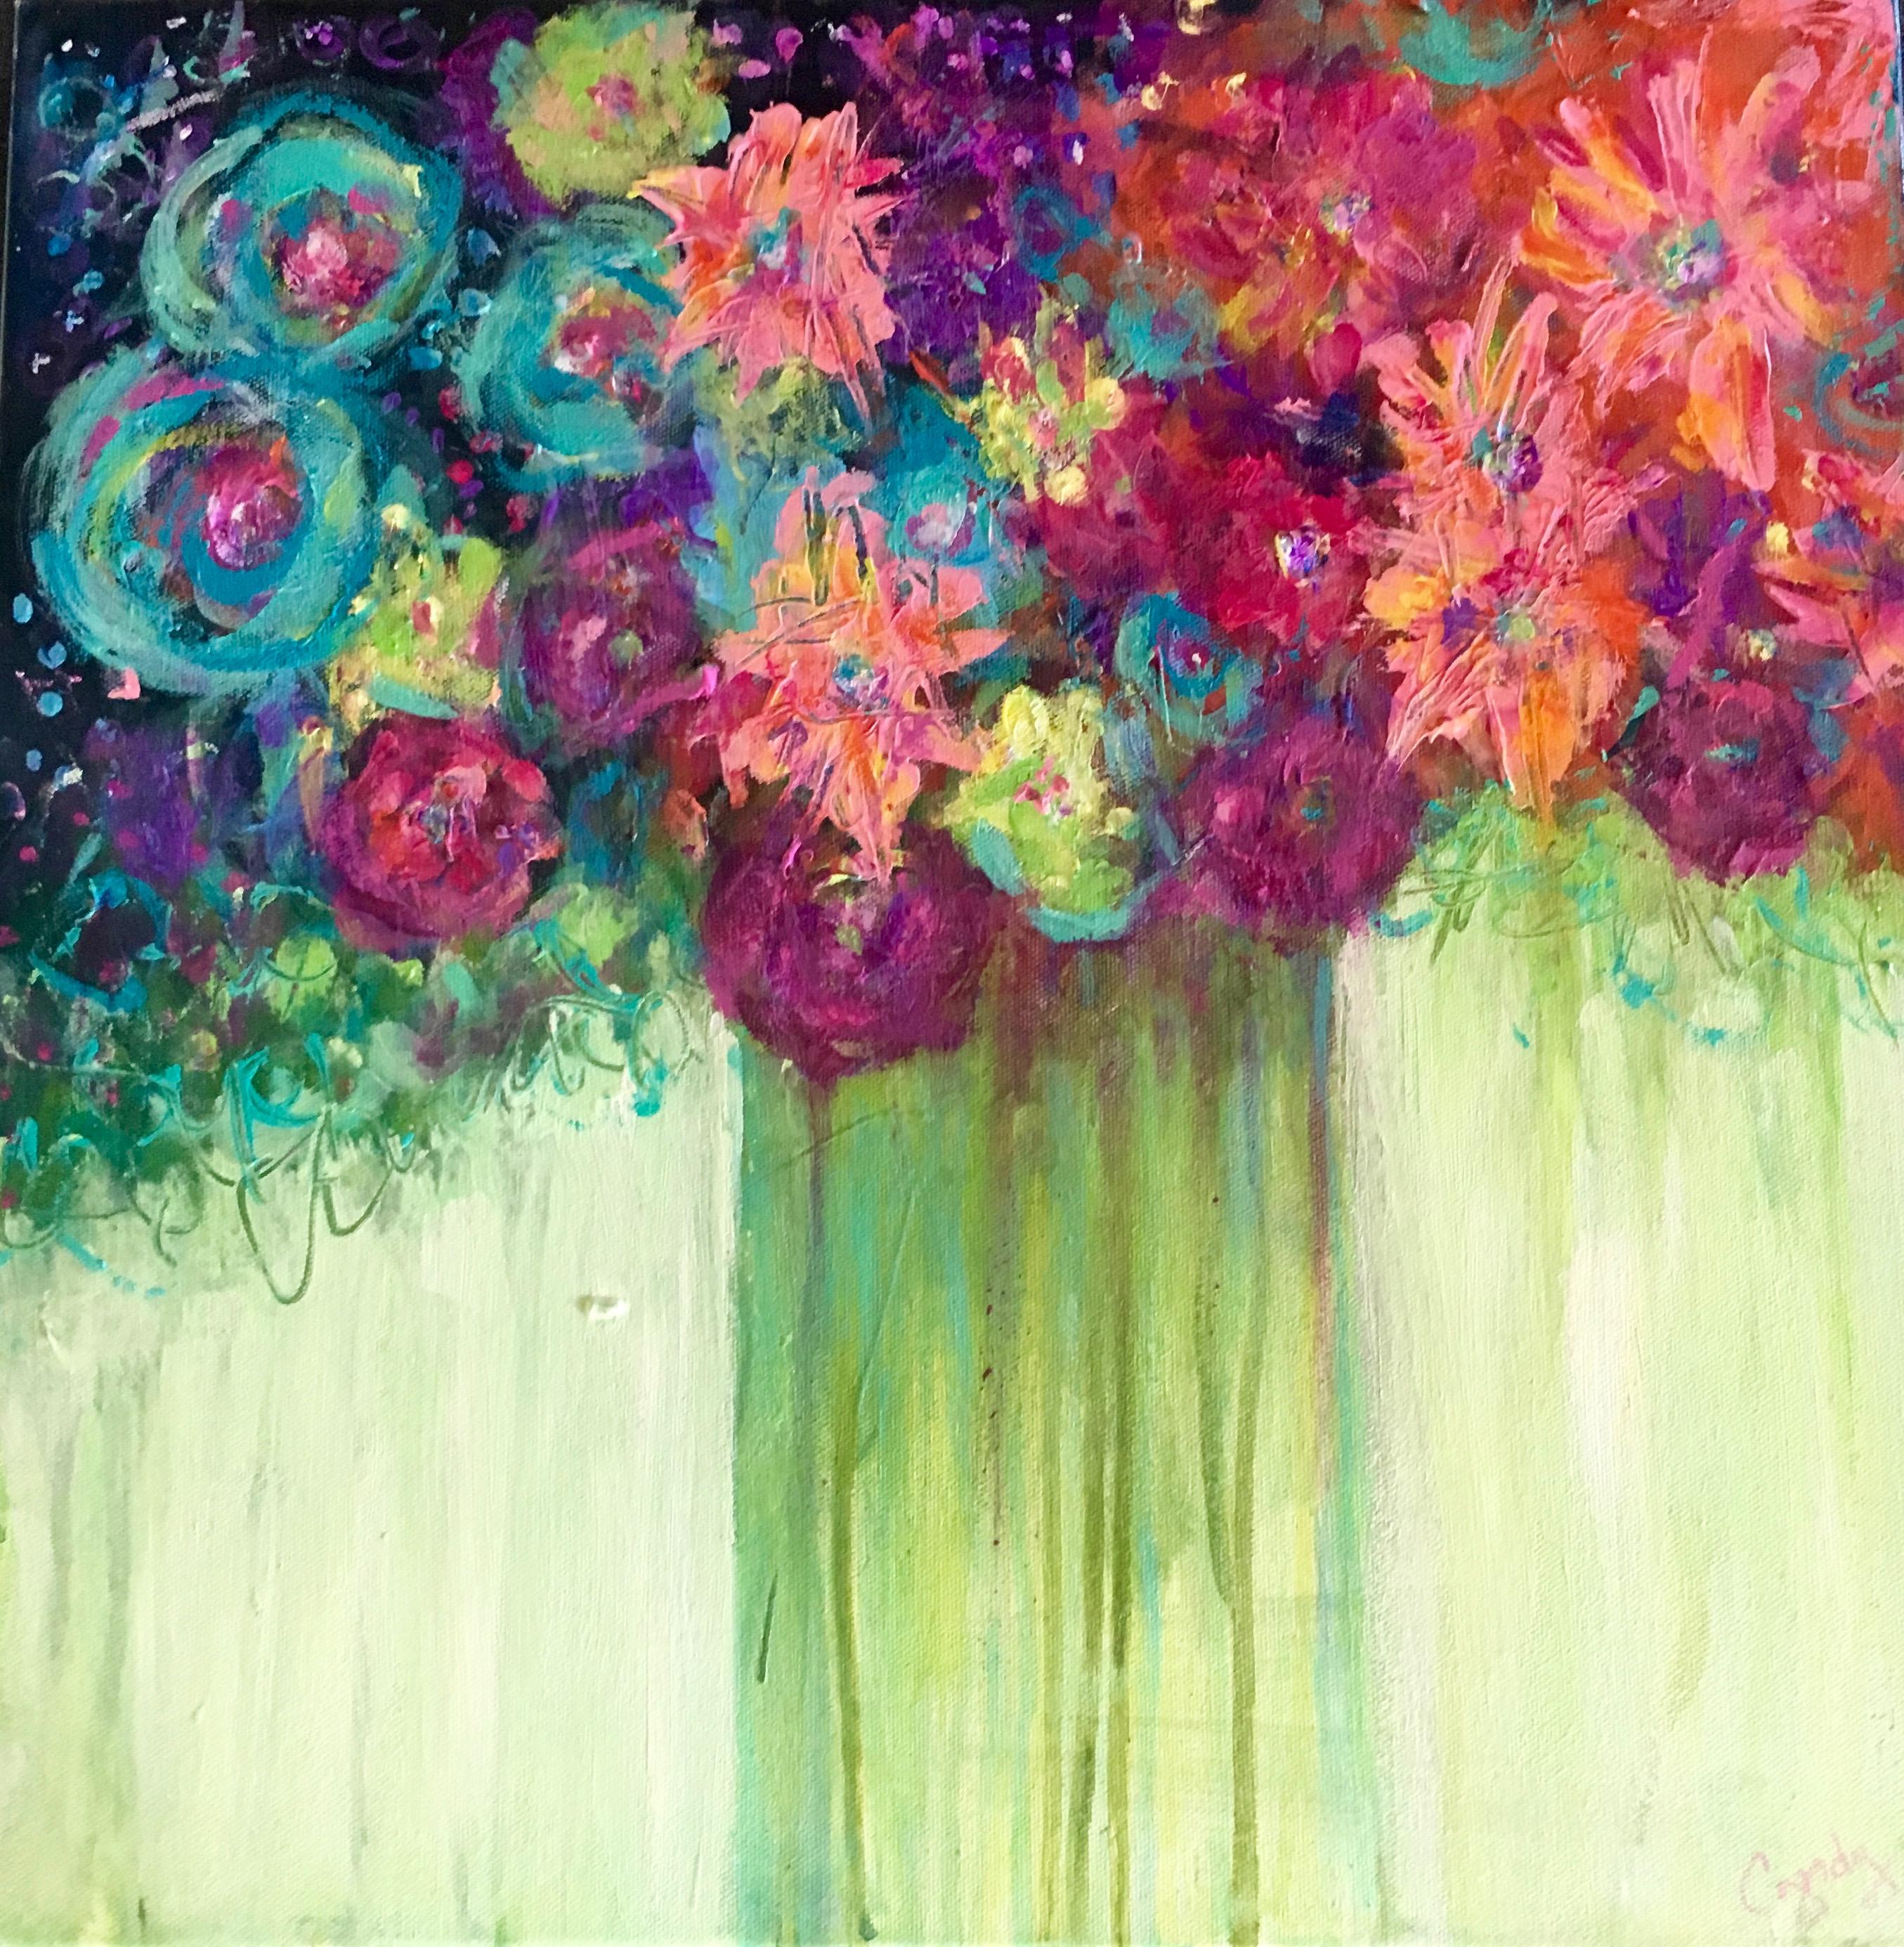 Floral Dreams 30 x 30  $425 Sold